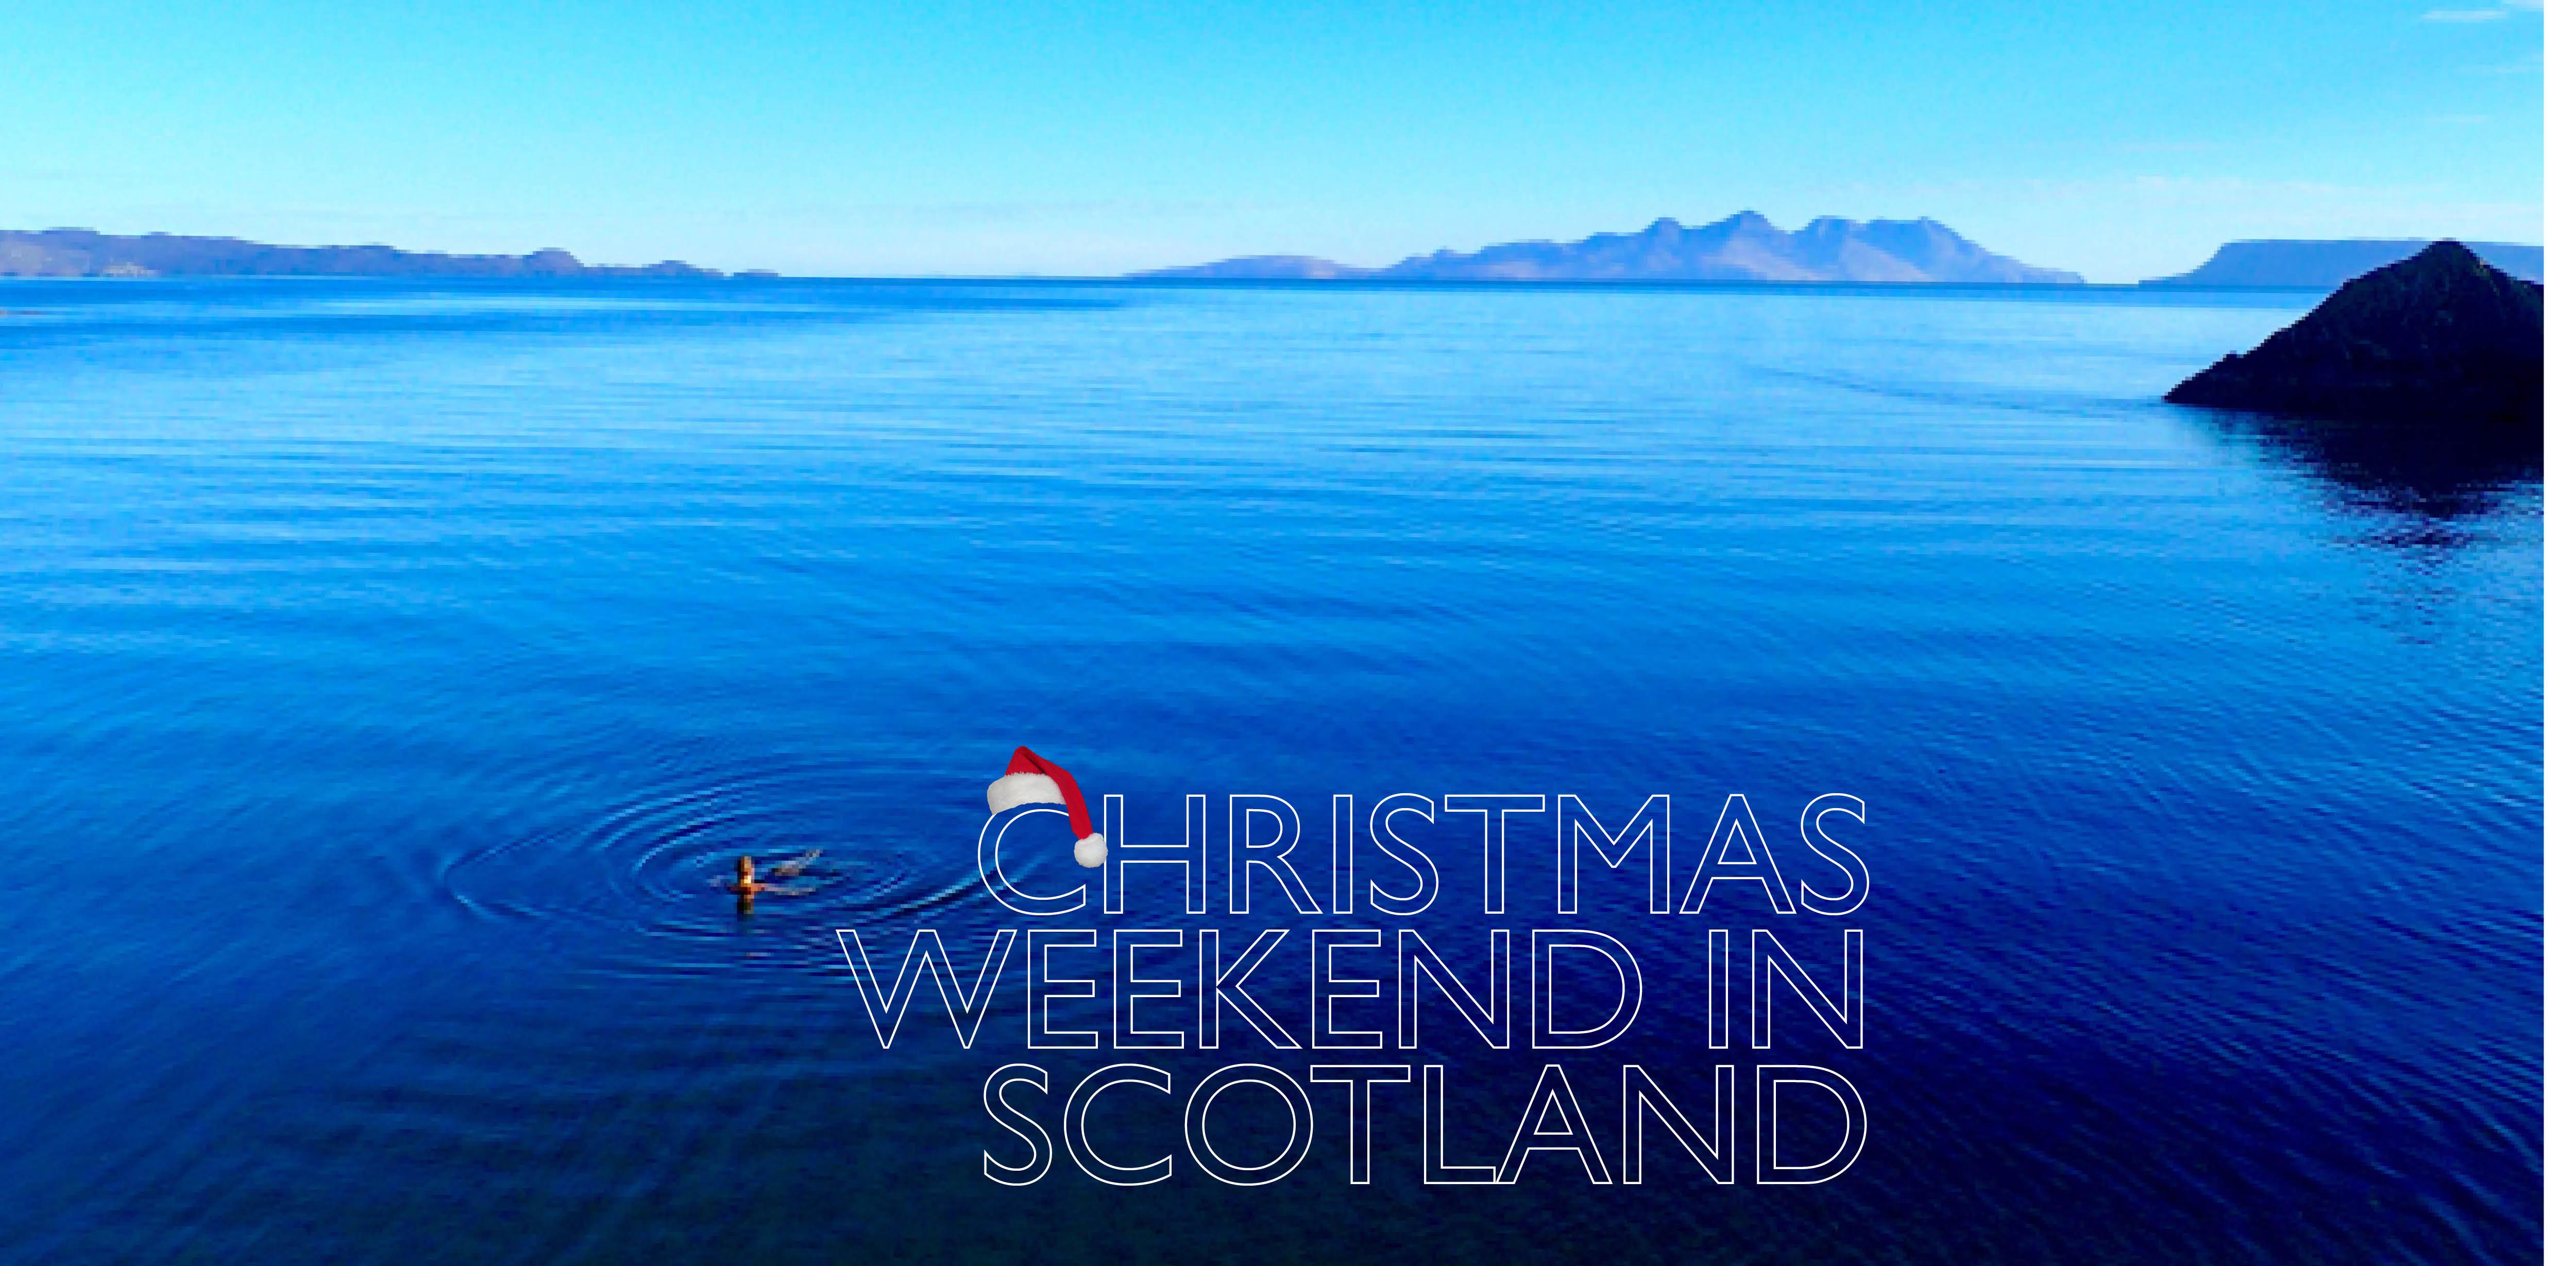 SwimQuest Scottish Weekend